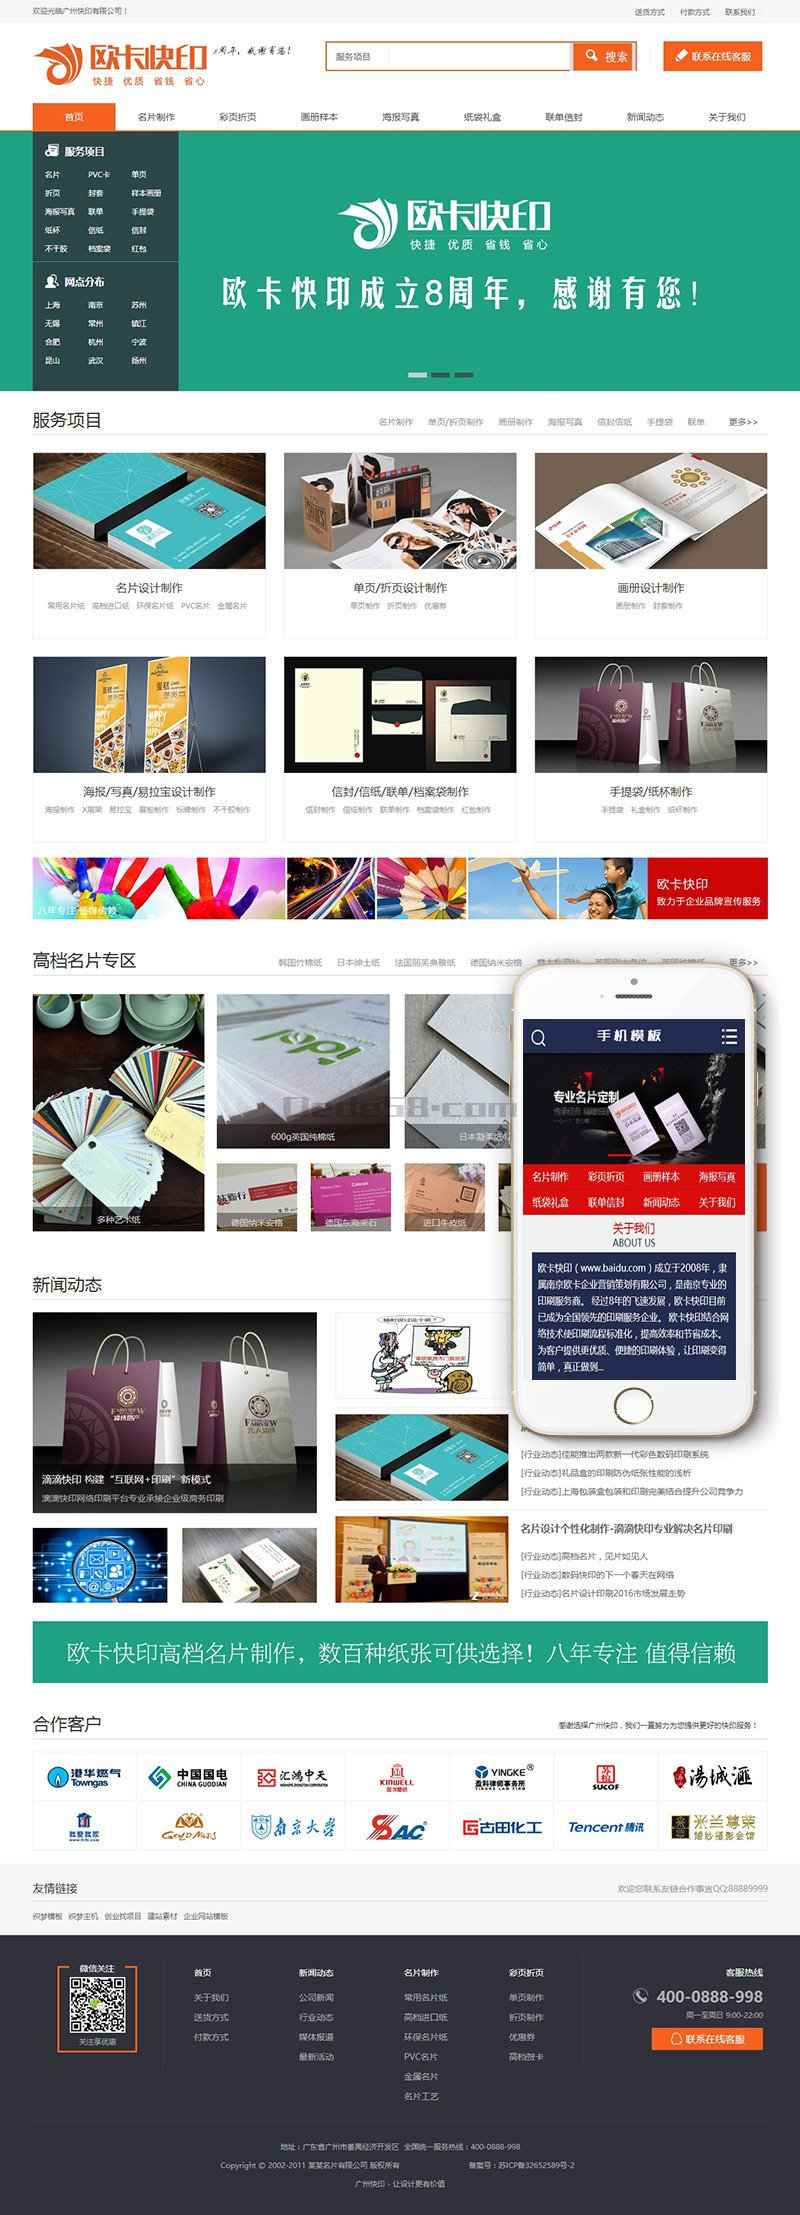 名片快印网站